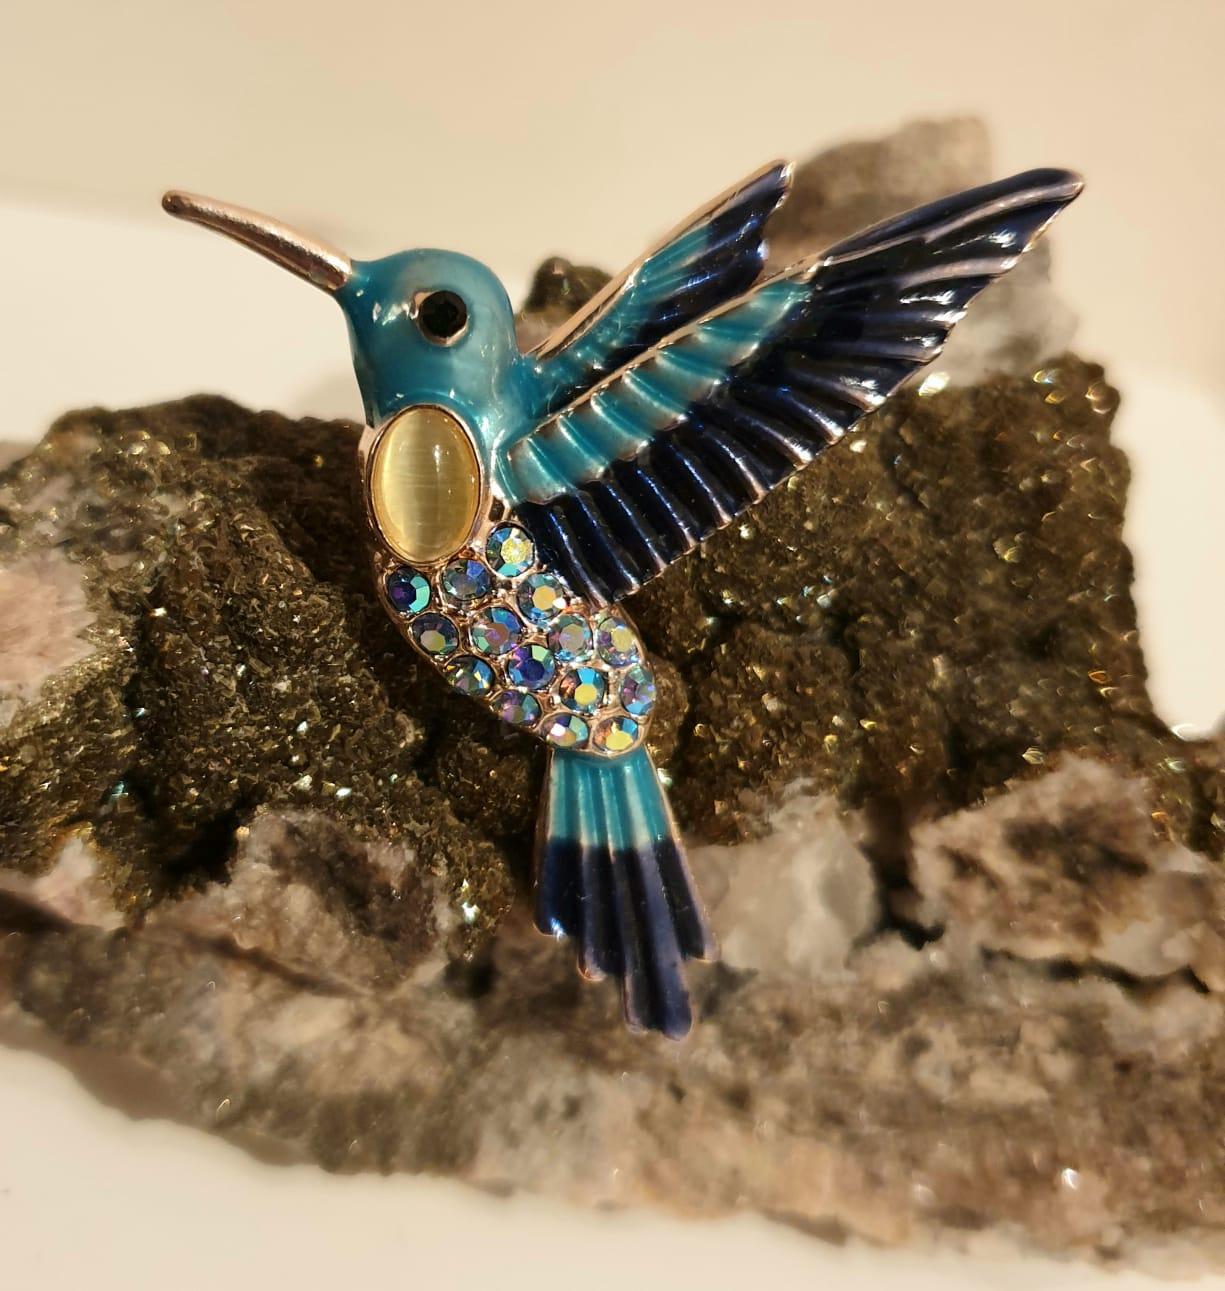 The Hummingbird Brooch